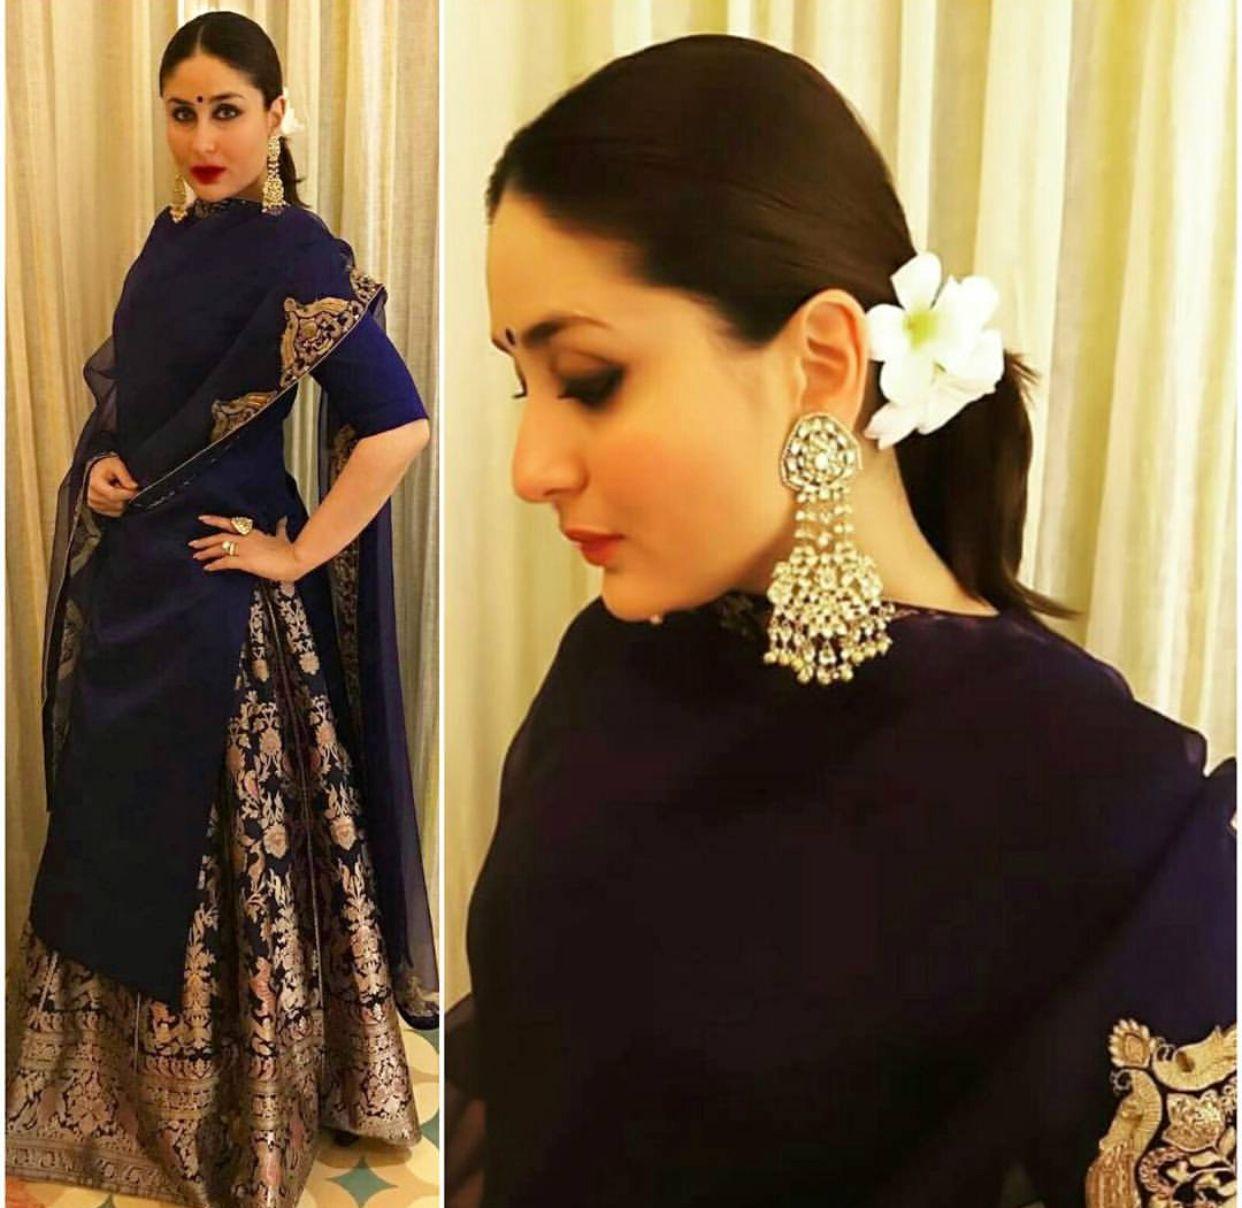 Banaras lehanga | Indian maternity wear, Indian party wear